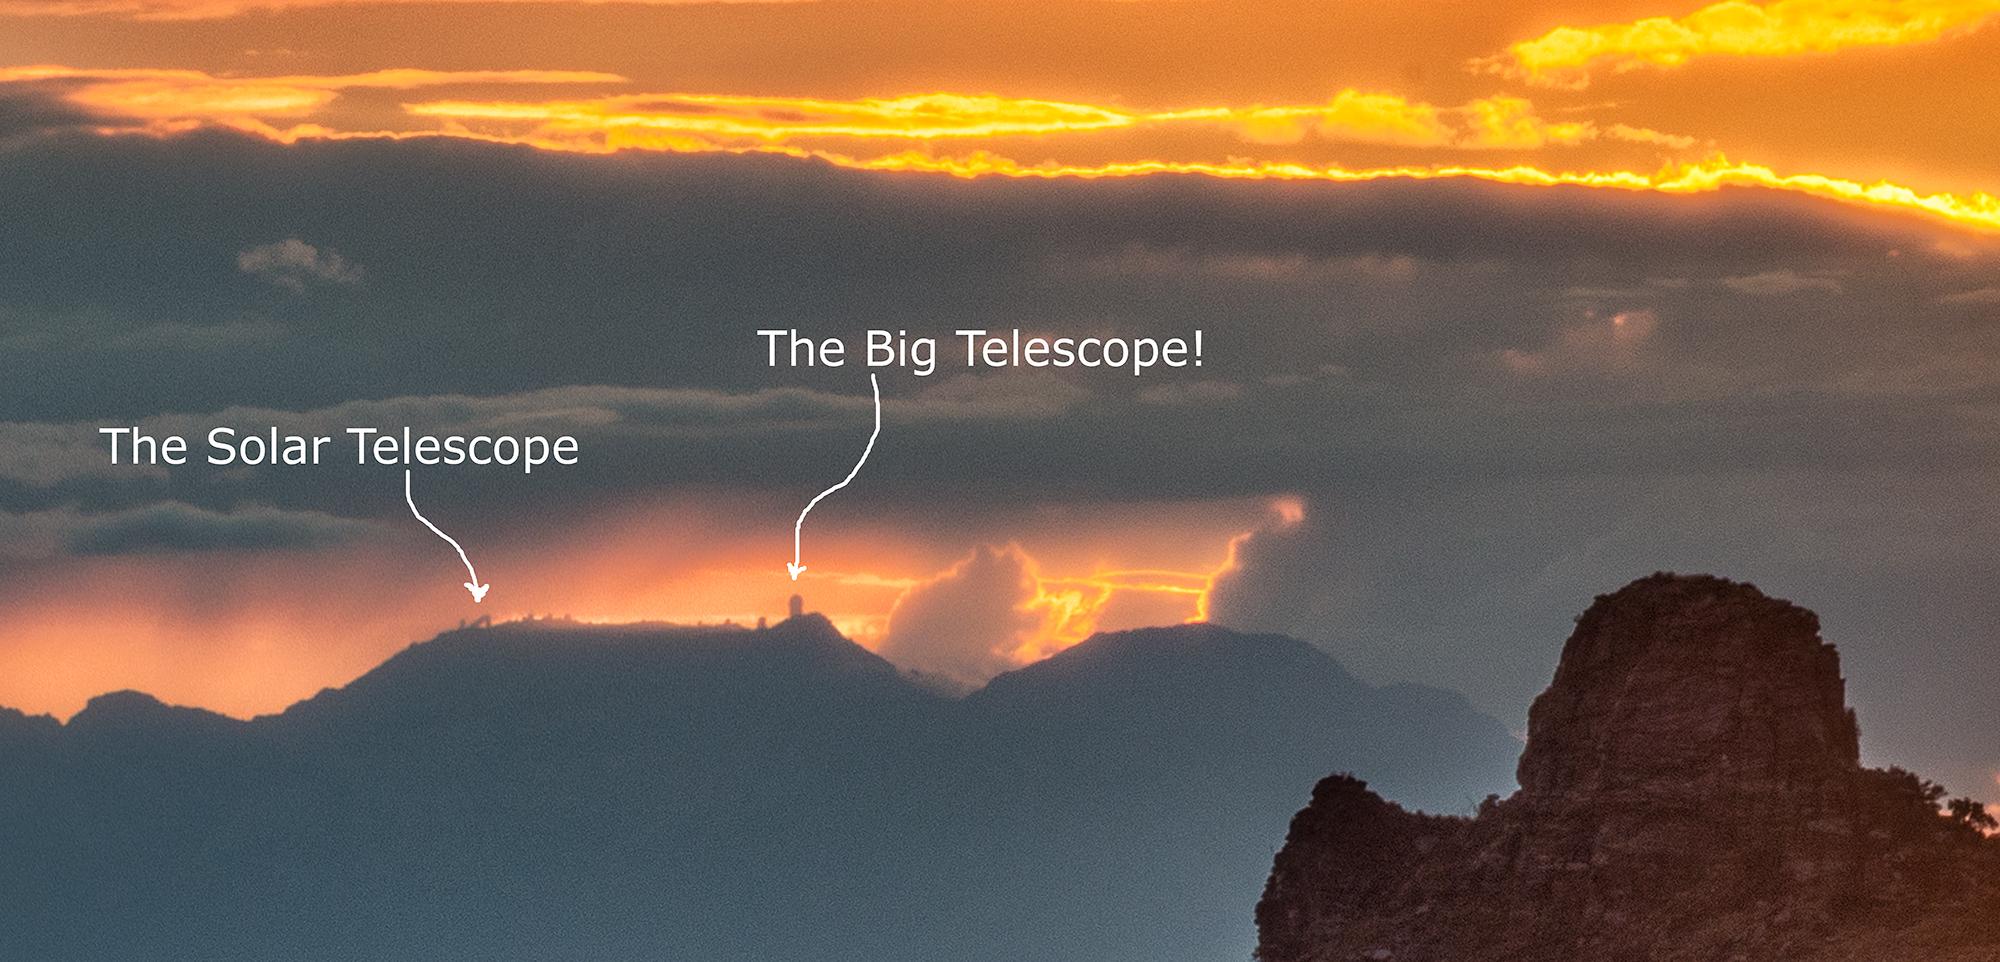 Observatories - Labelled, #2. Tucson, Arizona, 2017